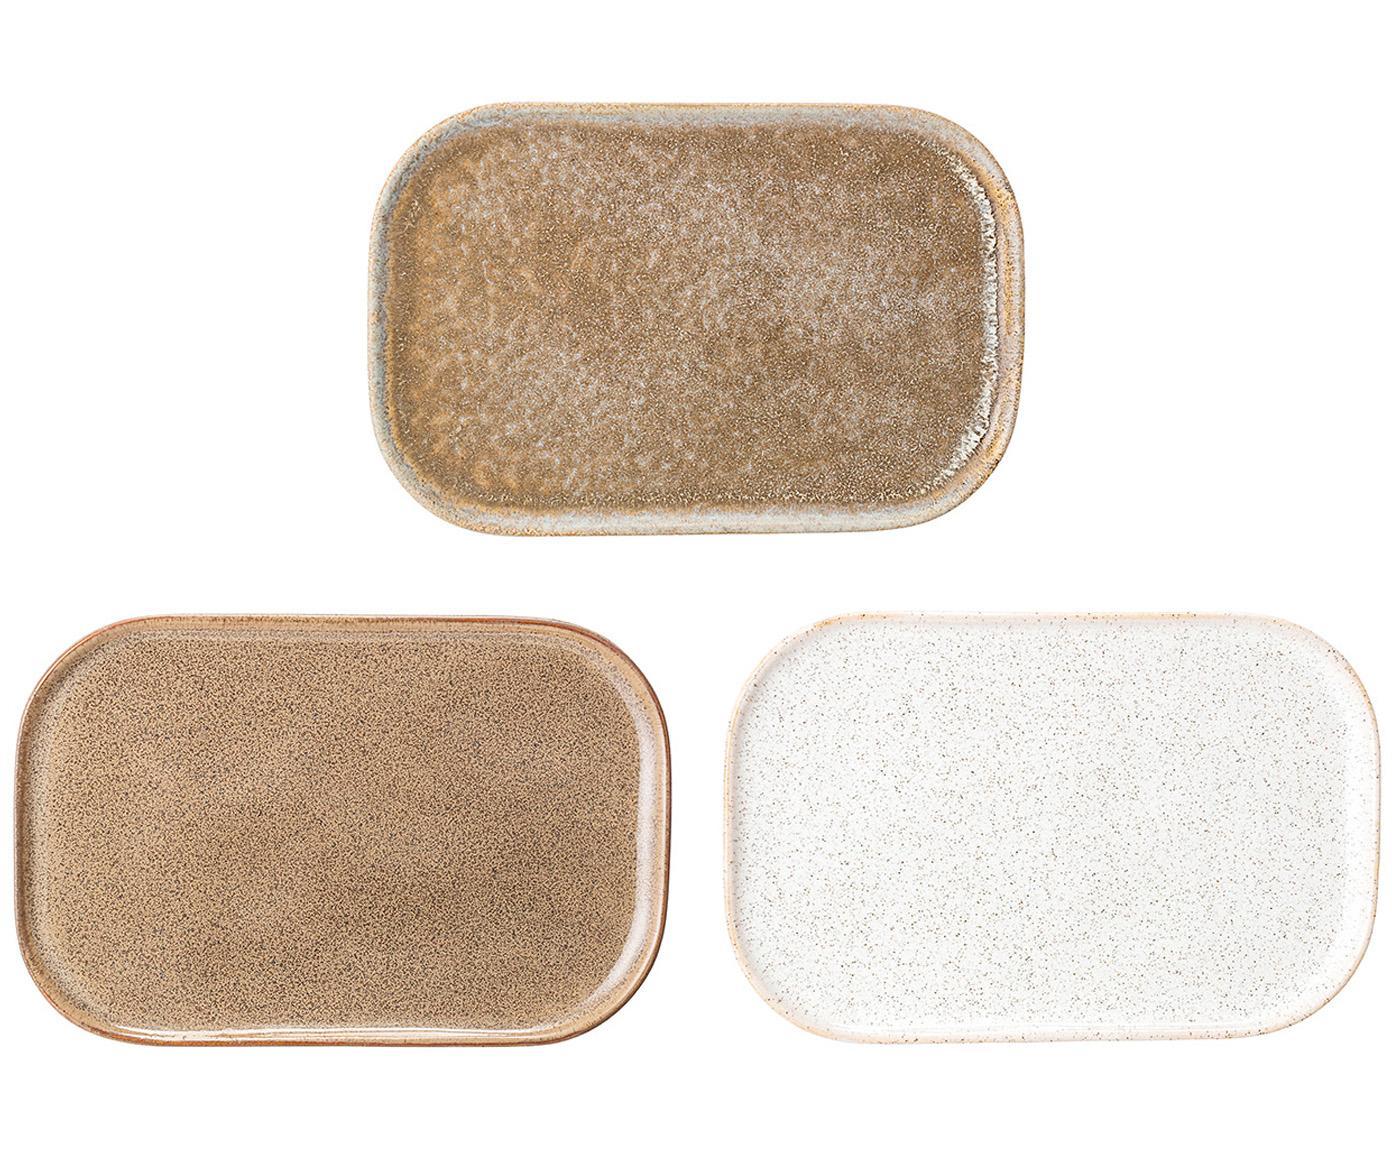 Ręcznie wykonany komplet półmisków Addison, 3 elem., Kamionka, Beżowy, biały, S 15 x G 23 cm